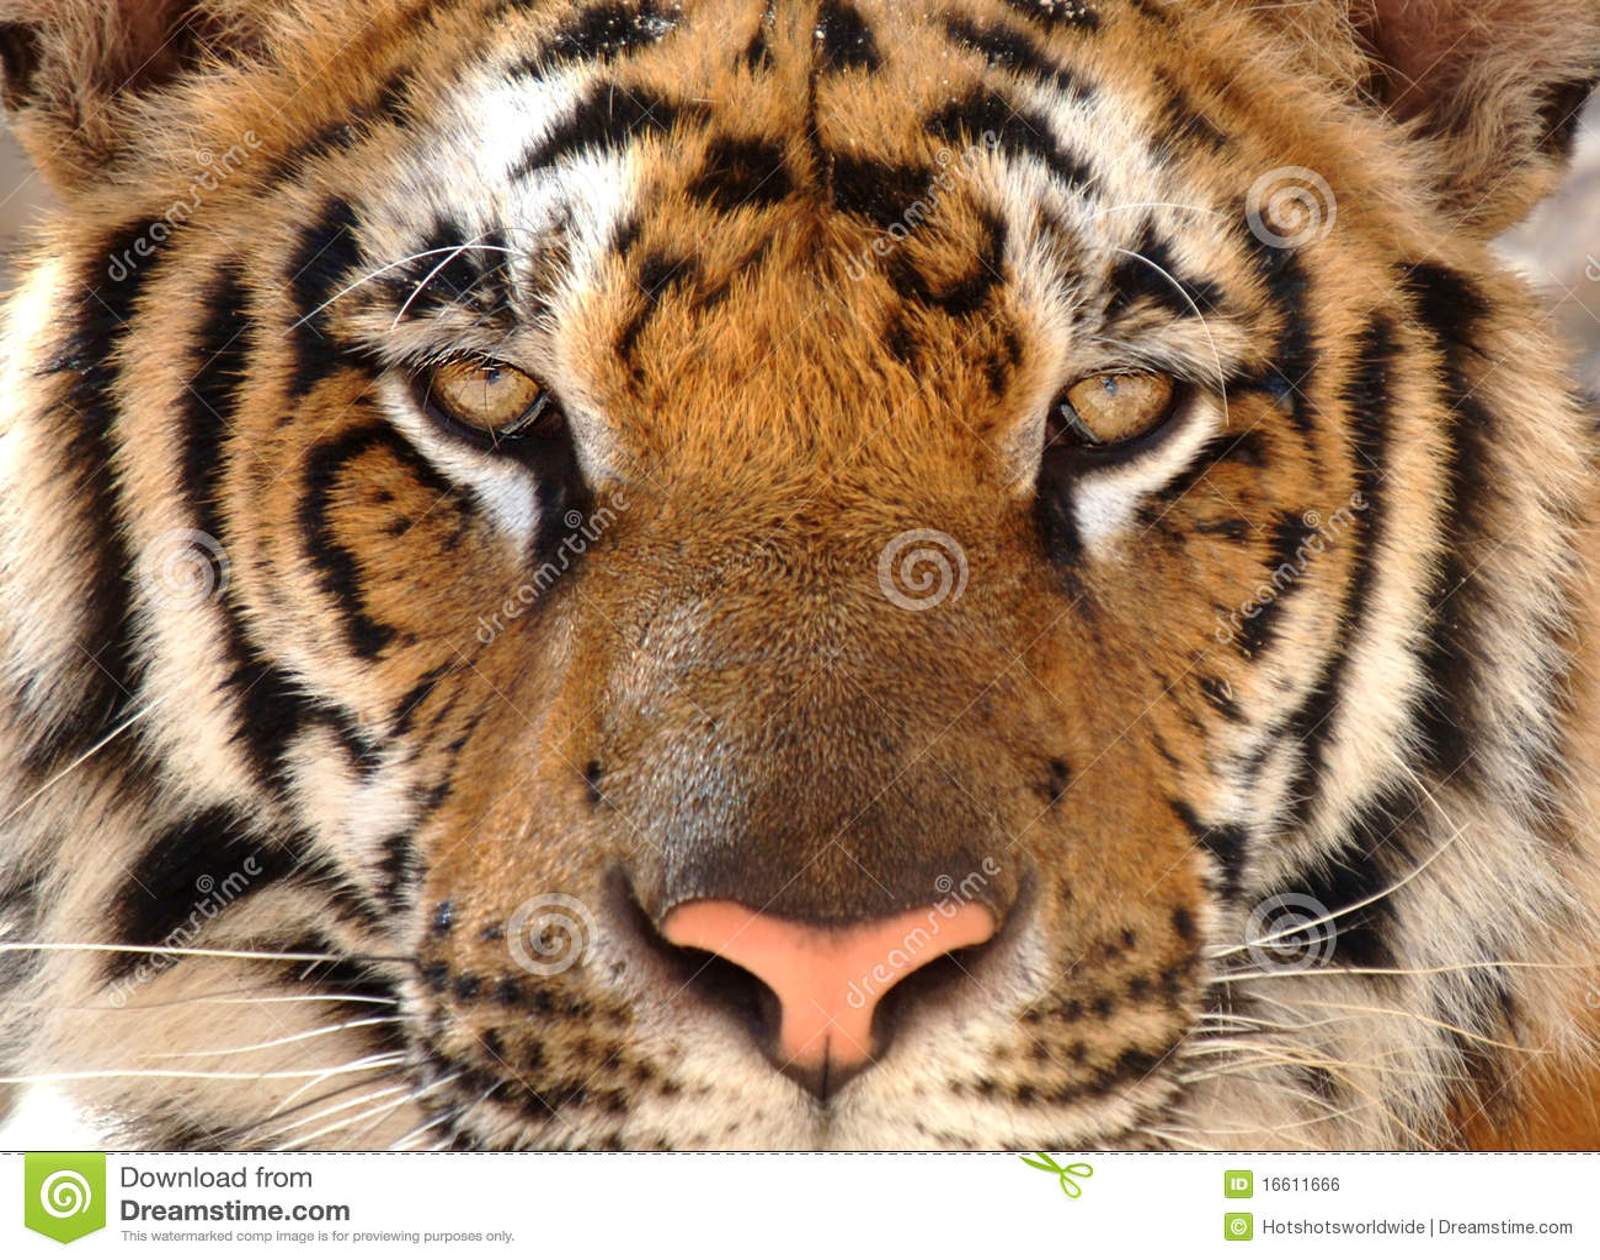 Tigre di bengala magnifica leone del gatto della for Bengala asia